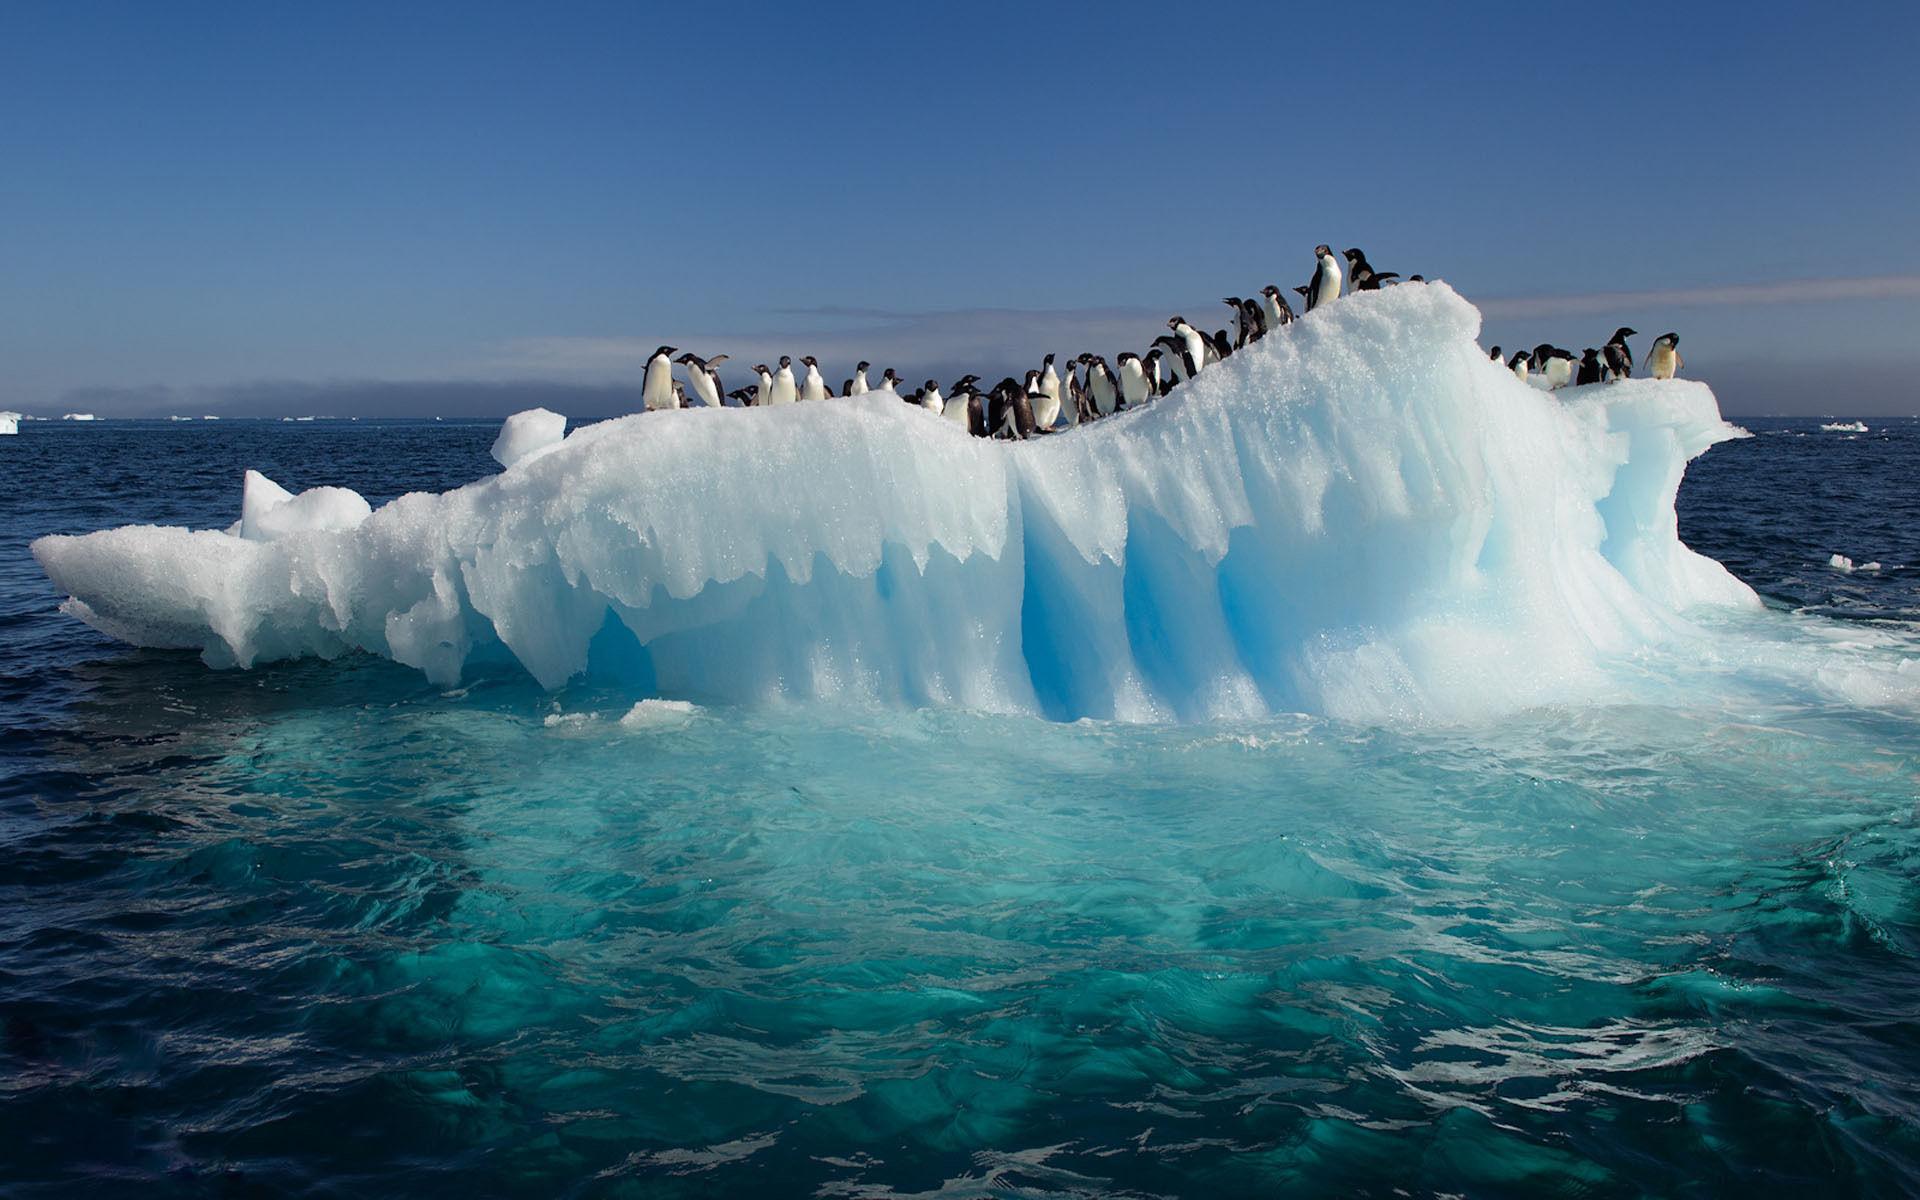 Wallpaper download best - Free Download Best Desktop High Resolution Wallpapers Of Ocean Ice